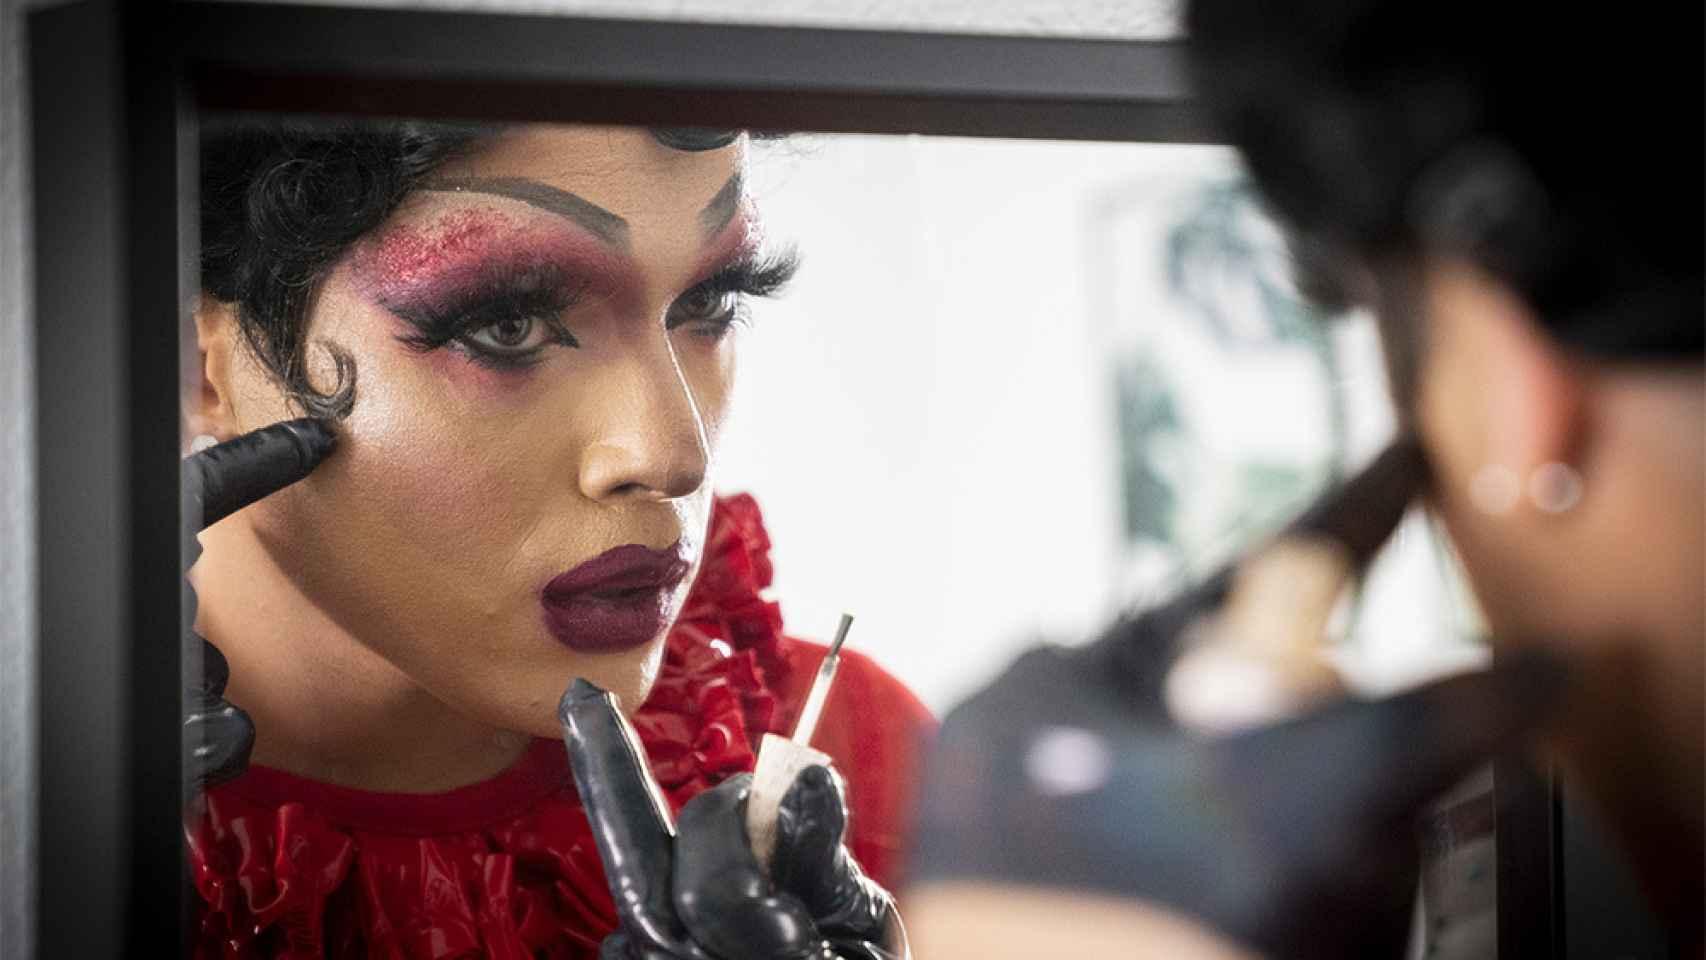 Entrevista a Killer Queen, drag queen y médico de urgencias